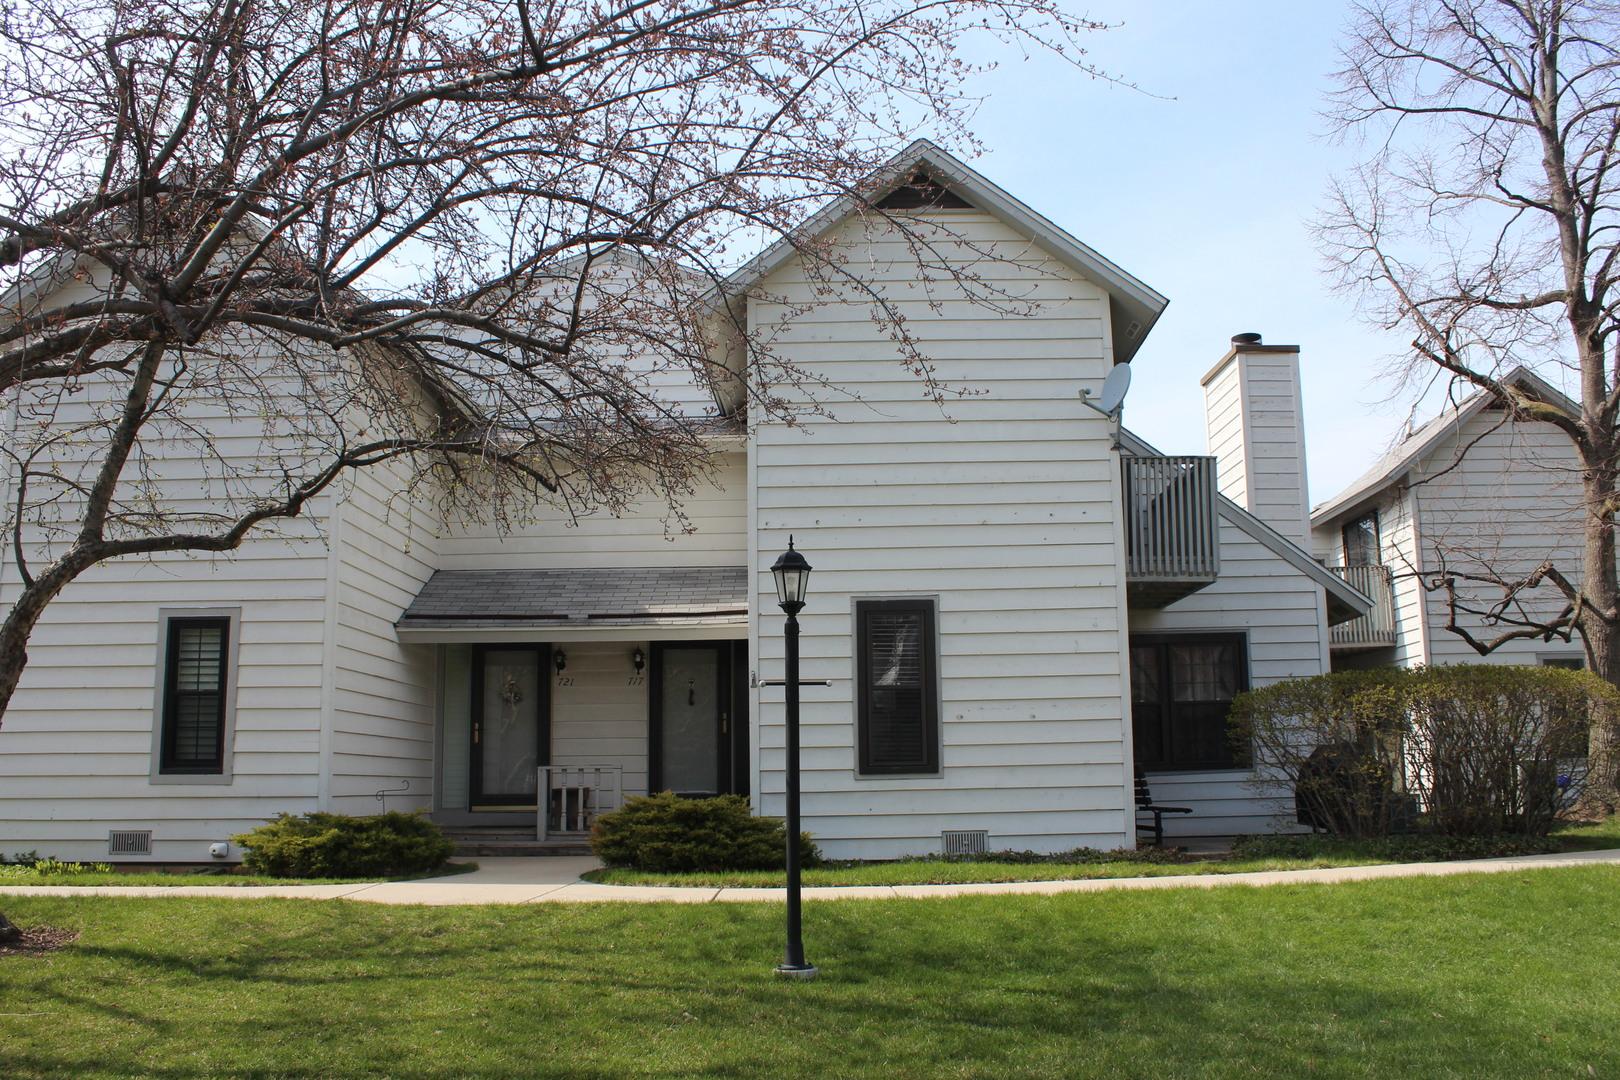 717 Wakefield ,Gurnee, Illinois 60031